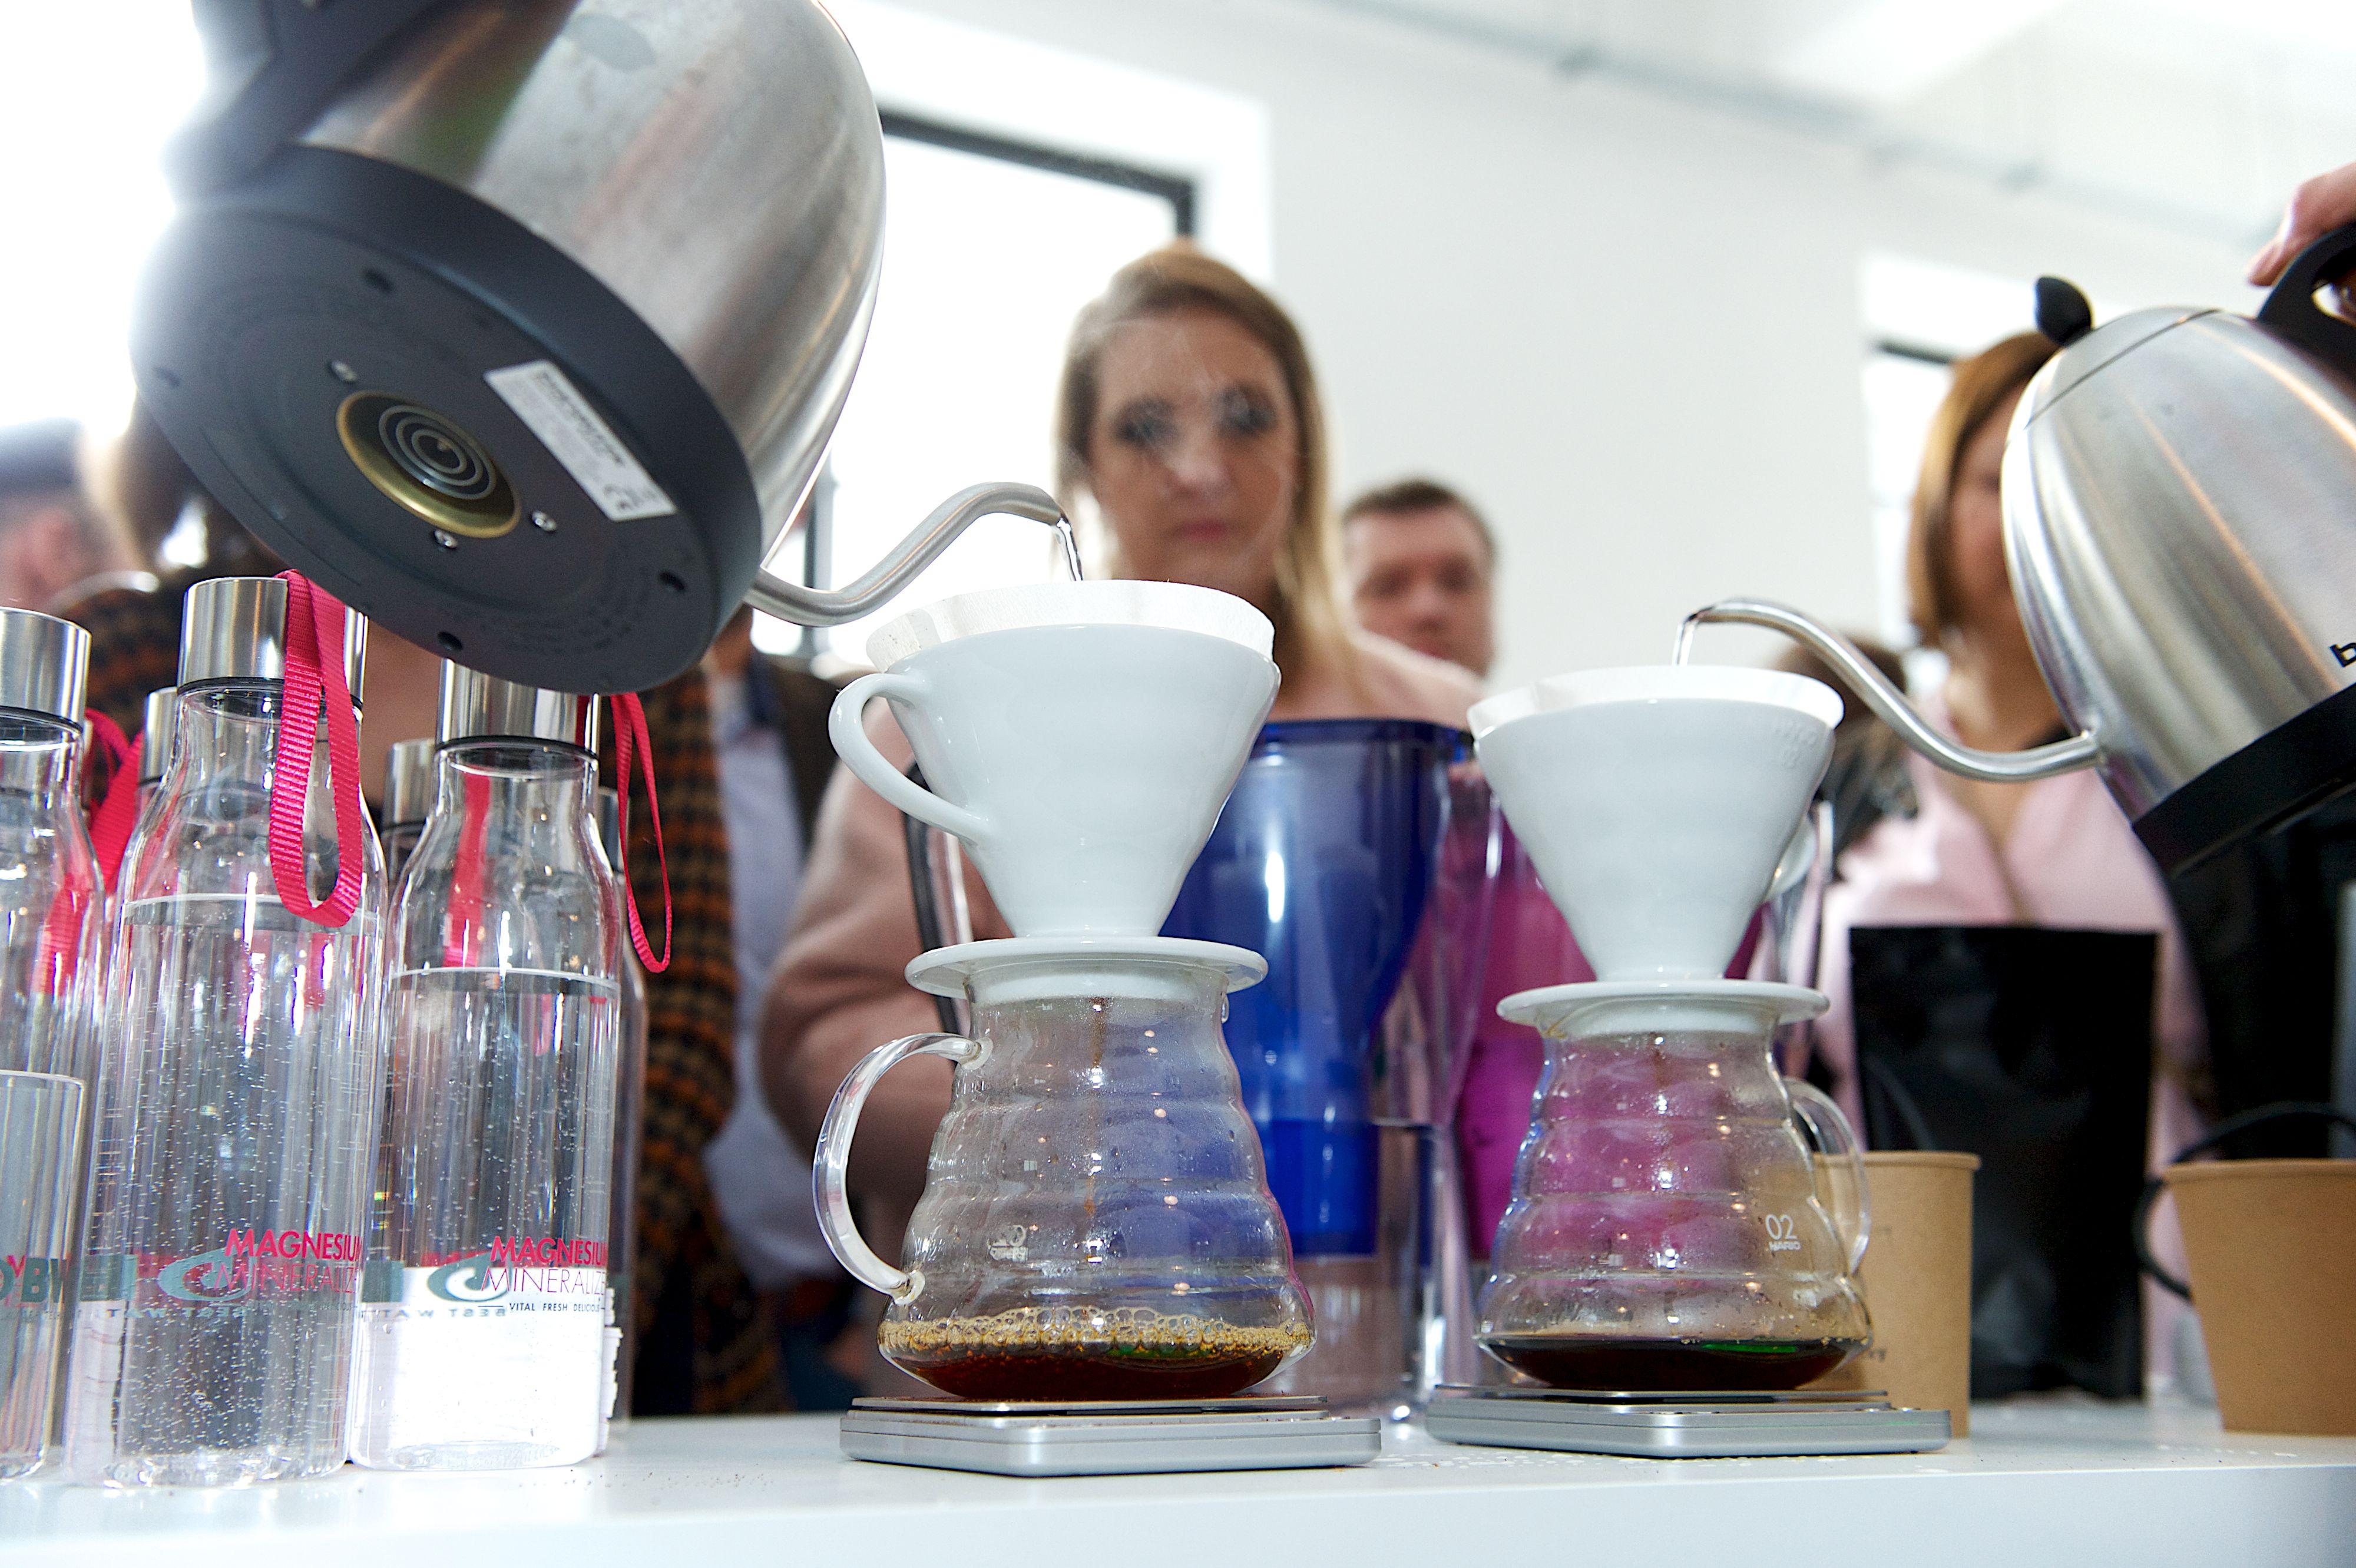 A kávé és a tea élvezeti értékét jelentősen befolyásolja a víz minősége, ezért mindig friss, tiszta és lehetőség szerint lágy vizet használjunk. A szakemberek úgy vélik, hogy a kávéból az a víz hozza ki a maximumot, amelynek összkeménysége 3-9 °nk  közötti, karbonátkeménysége pedig alacsony, 2-4 °nk közötti. <br />Csökkenhet az íz-élmény<br />Ám ezeknek a kritériumoknak a csapvíz jellemzően nem felel meg teljes mértékben, így olyan vízkezelő berendezéseket, eszközöket érdemes alkalmazni, amelyek kellően megszűrik a vizet, lággyá és klórmentessé teszik. A kemény, klóros víz ugyanis a kávé esetében kellemetlen mellékízt eredményezhet.<br />